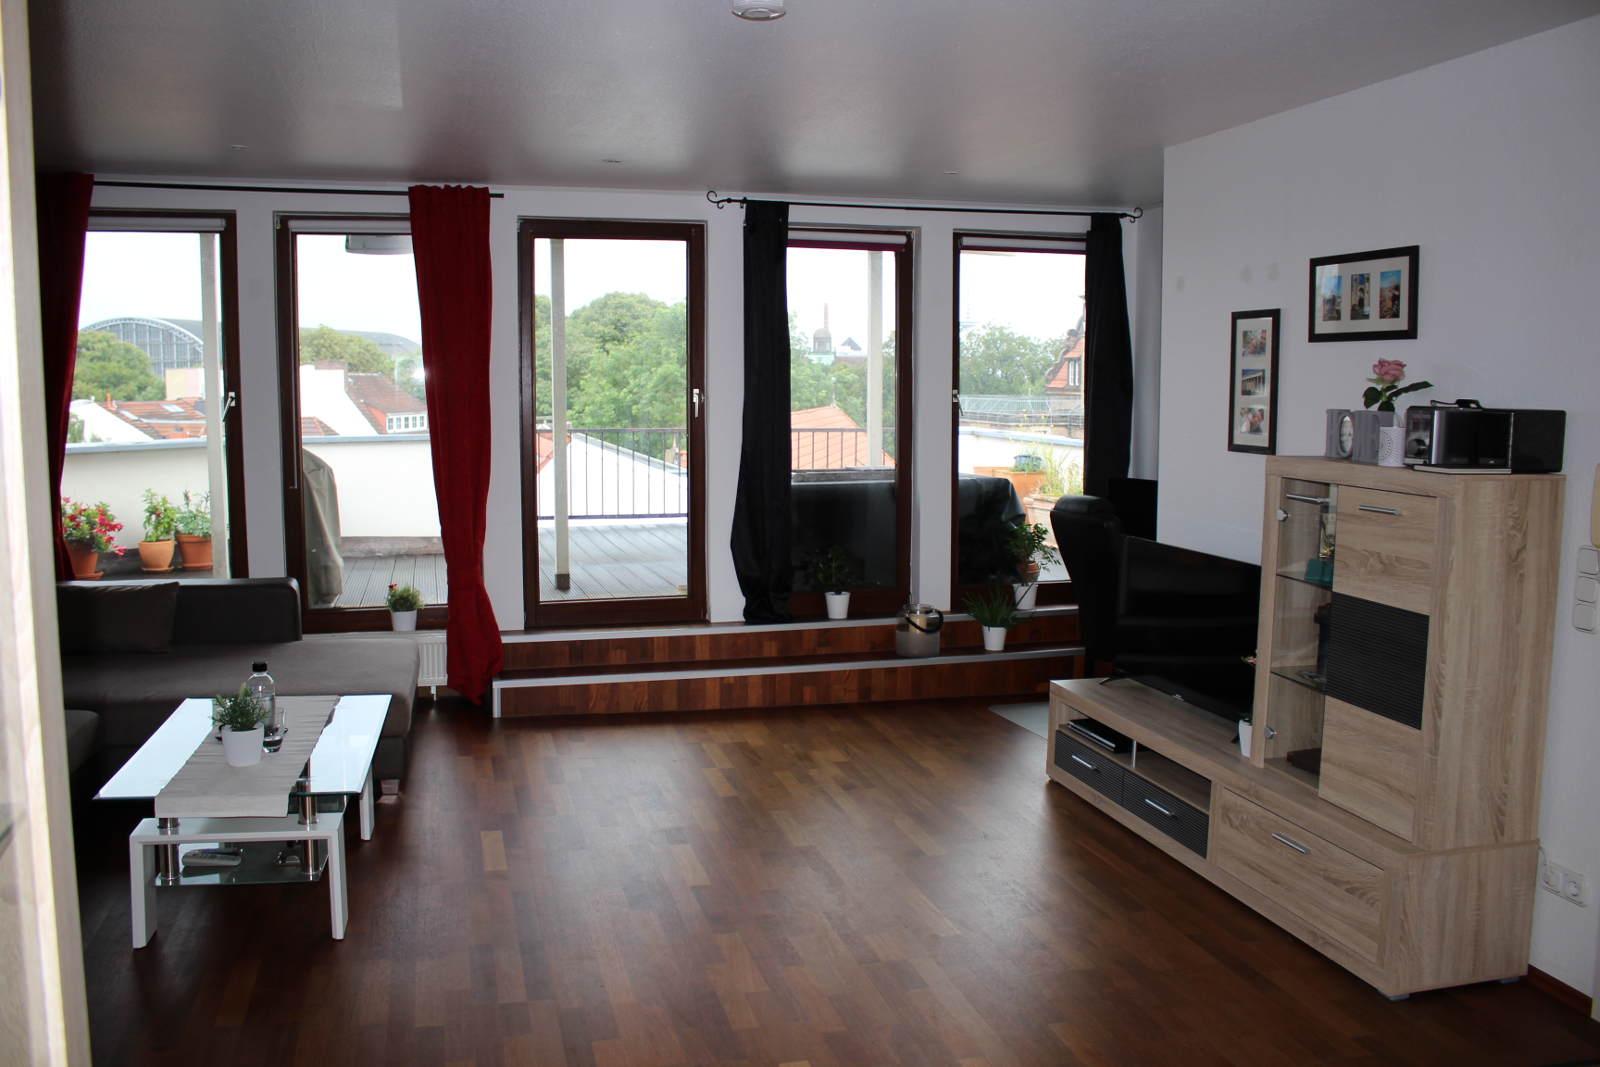 Reserviert Helle Wohnung Im Altbremer Haus Mit Großer Dachterrasse